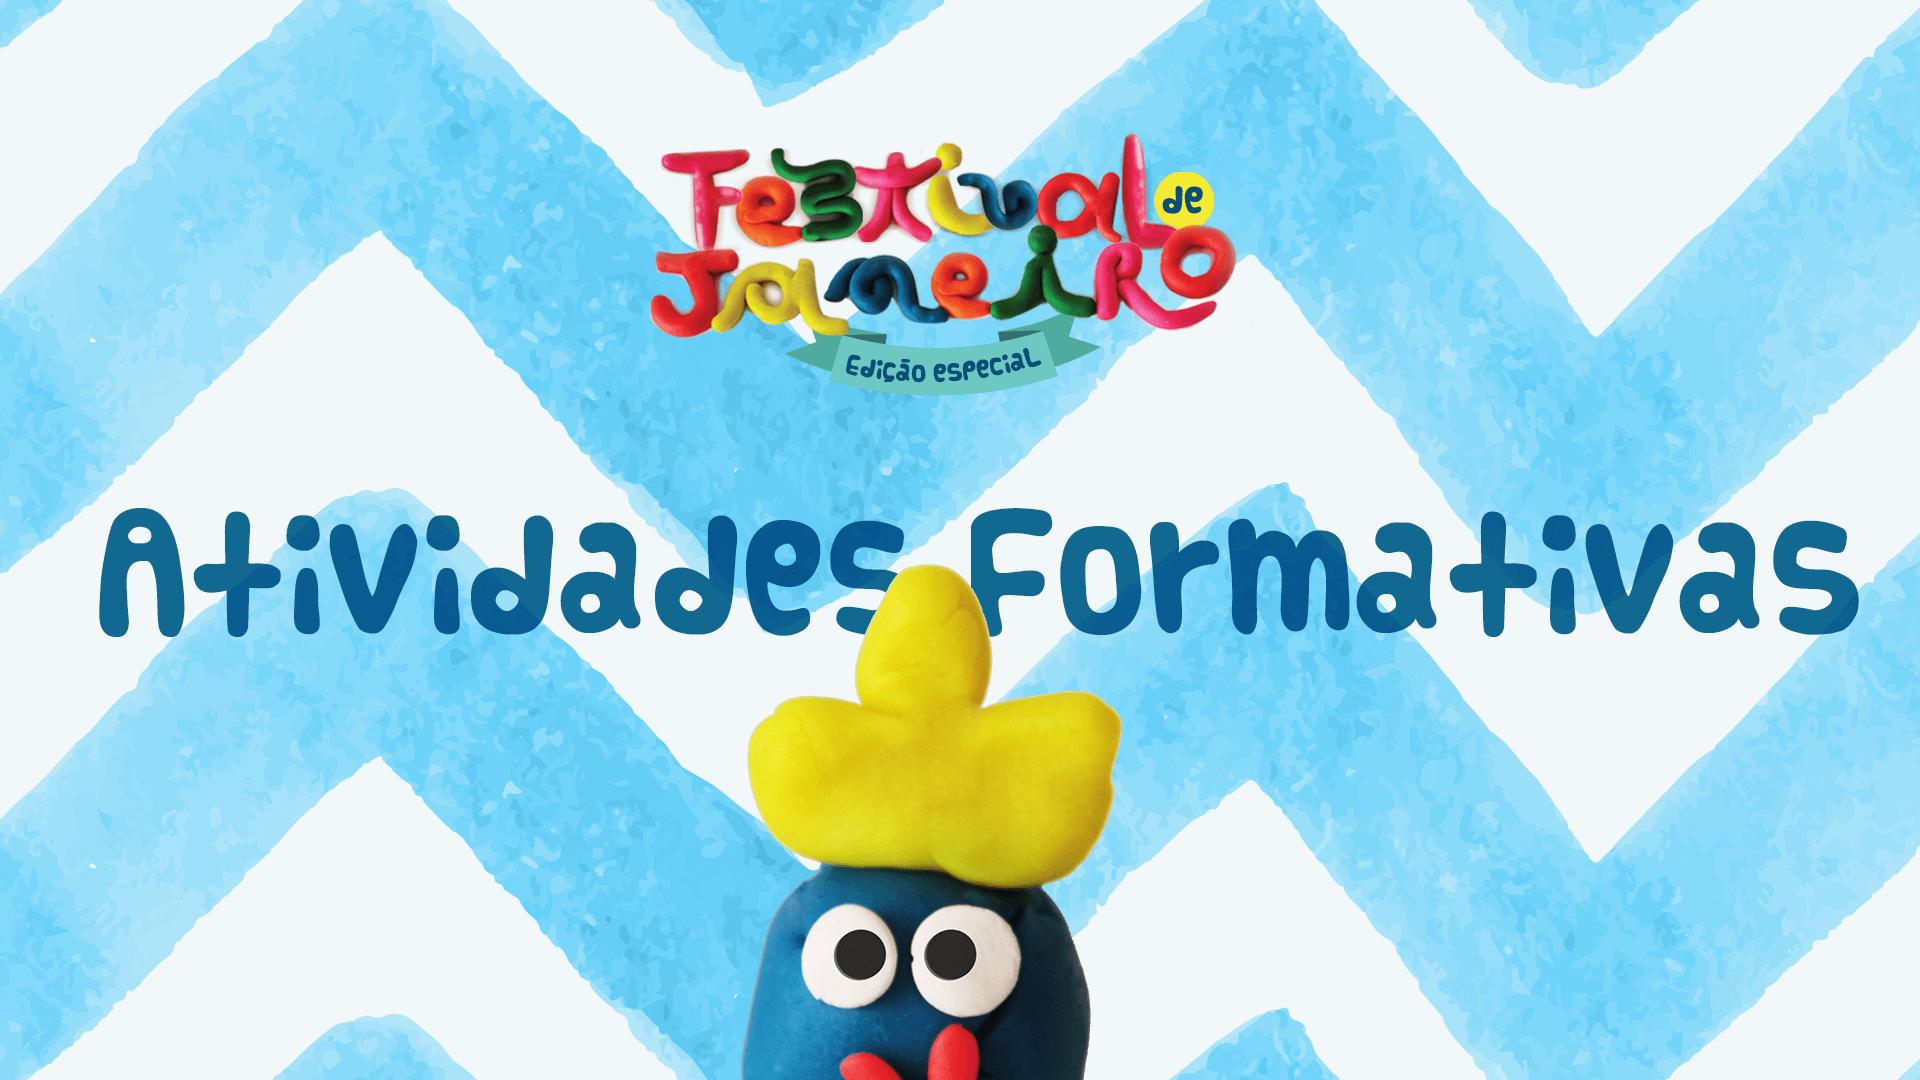 FestivaldeJaneiro_CapaAtividadesForm